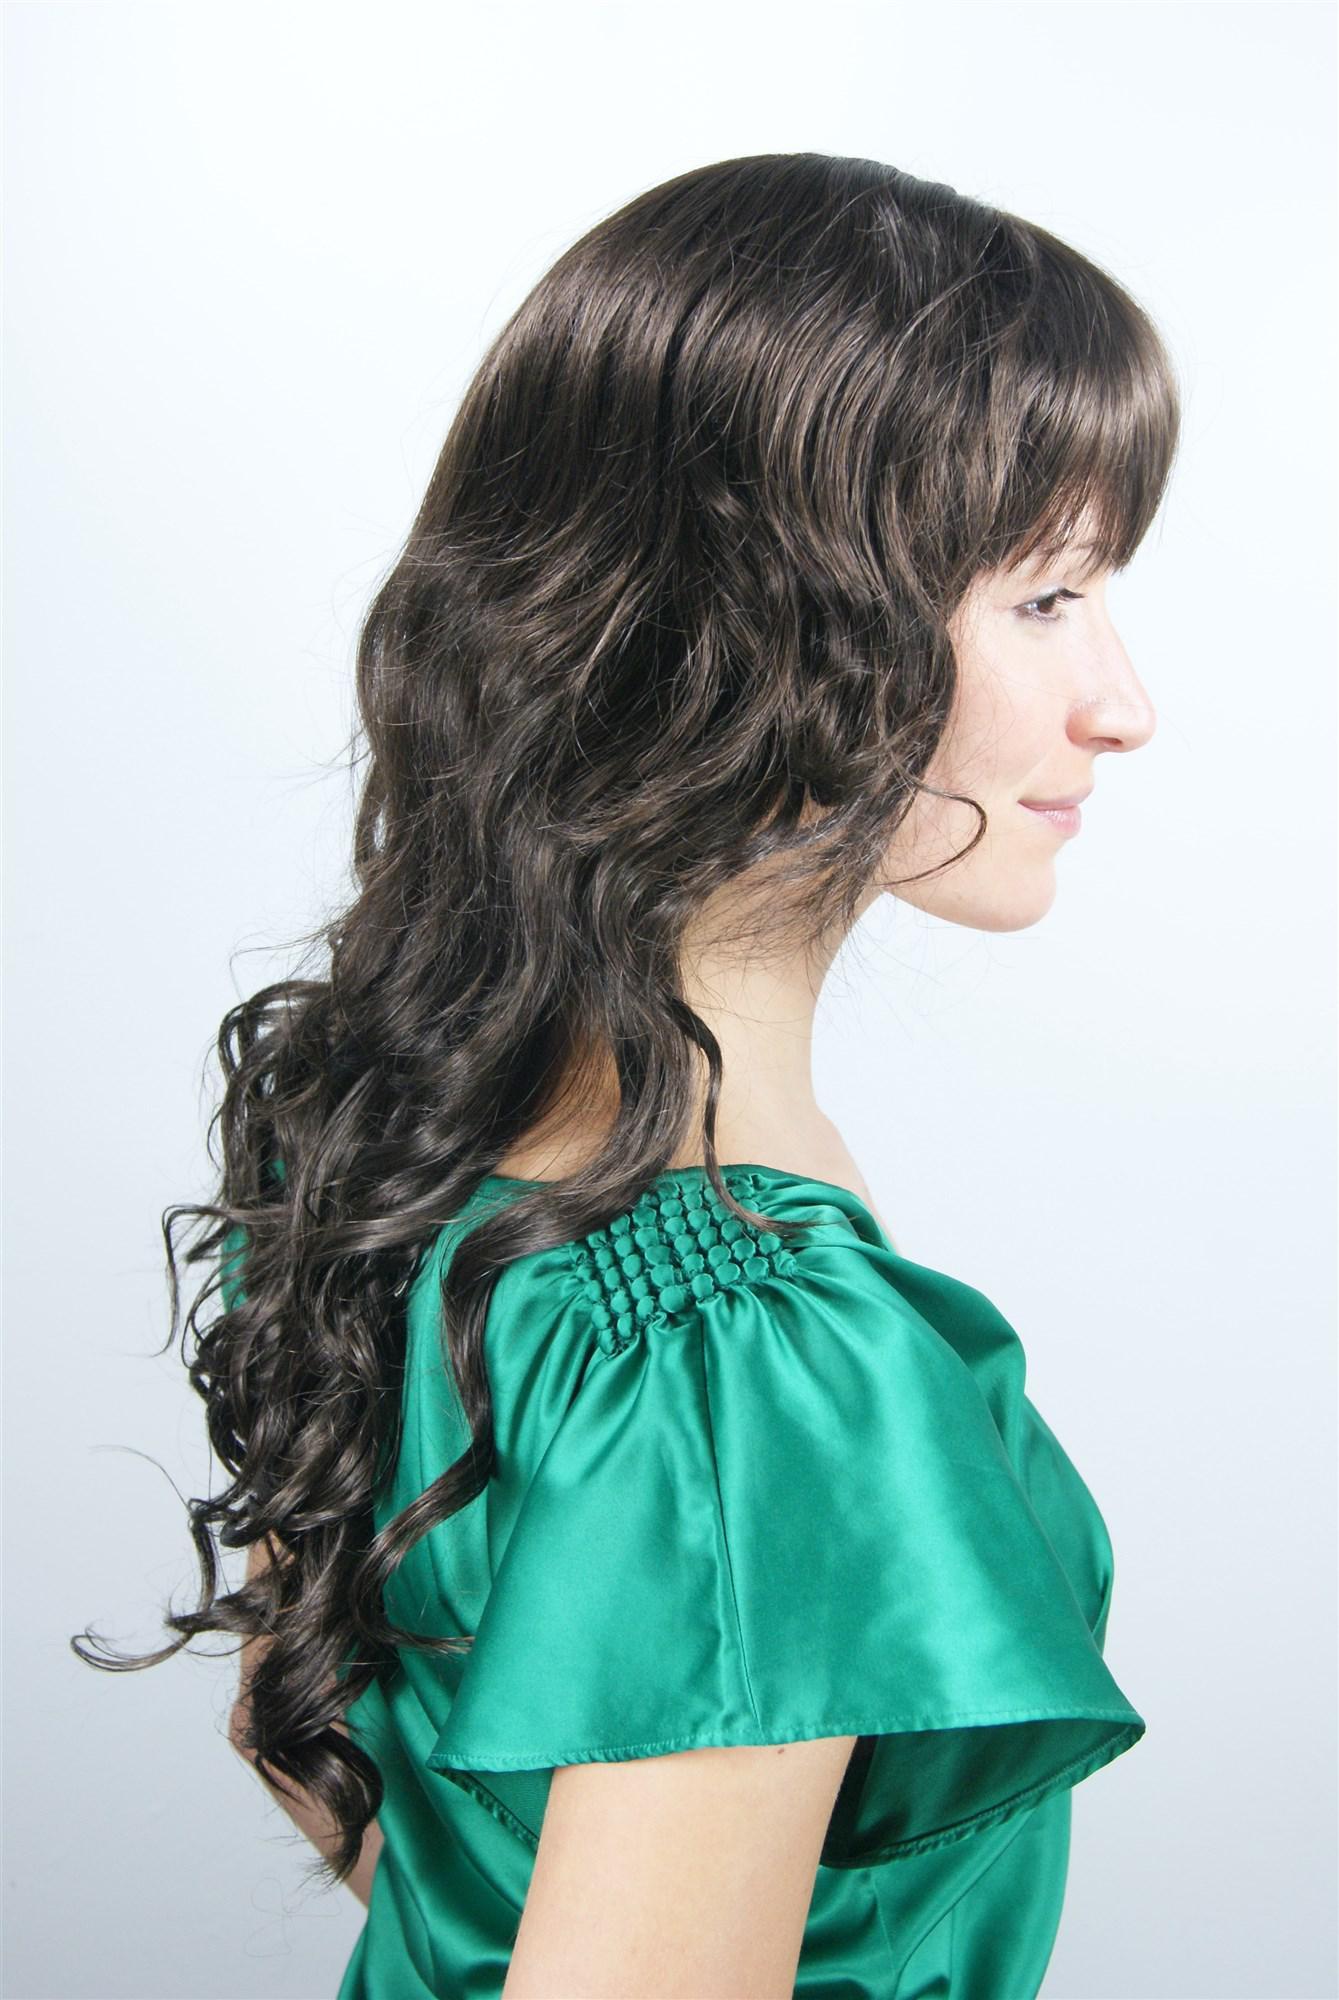 Damenperücke braun gestuft lockig Pony Frisur Haarersatz ...